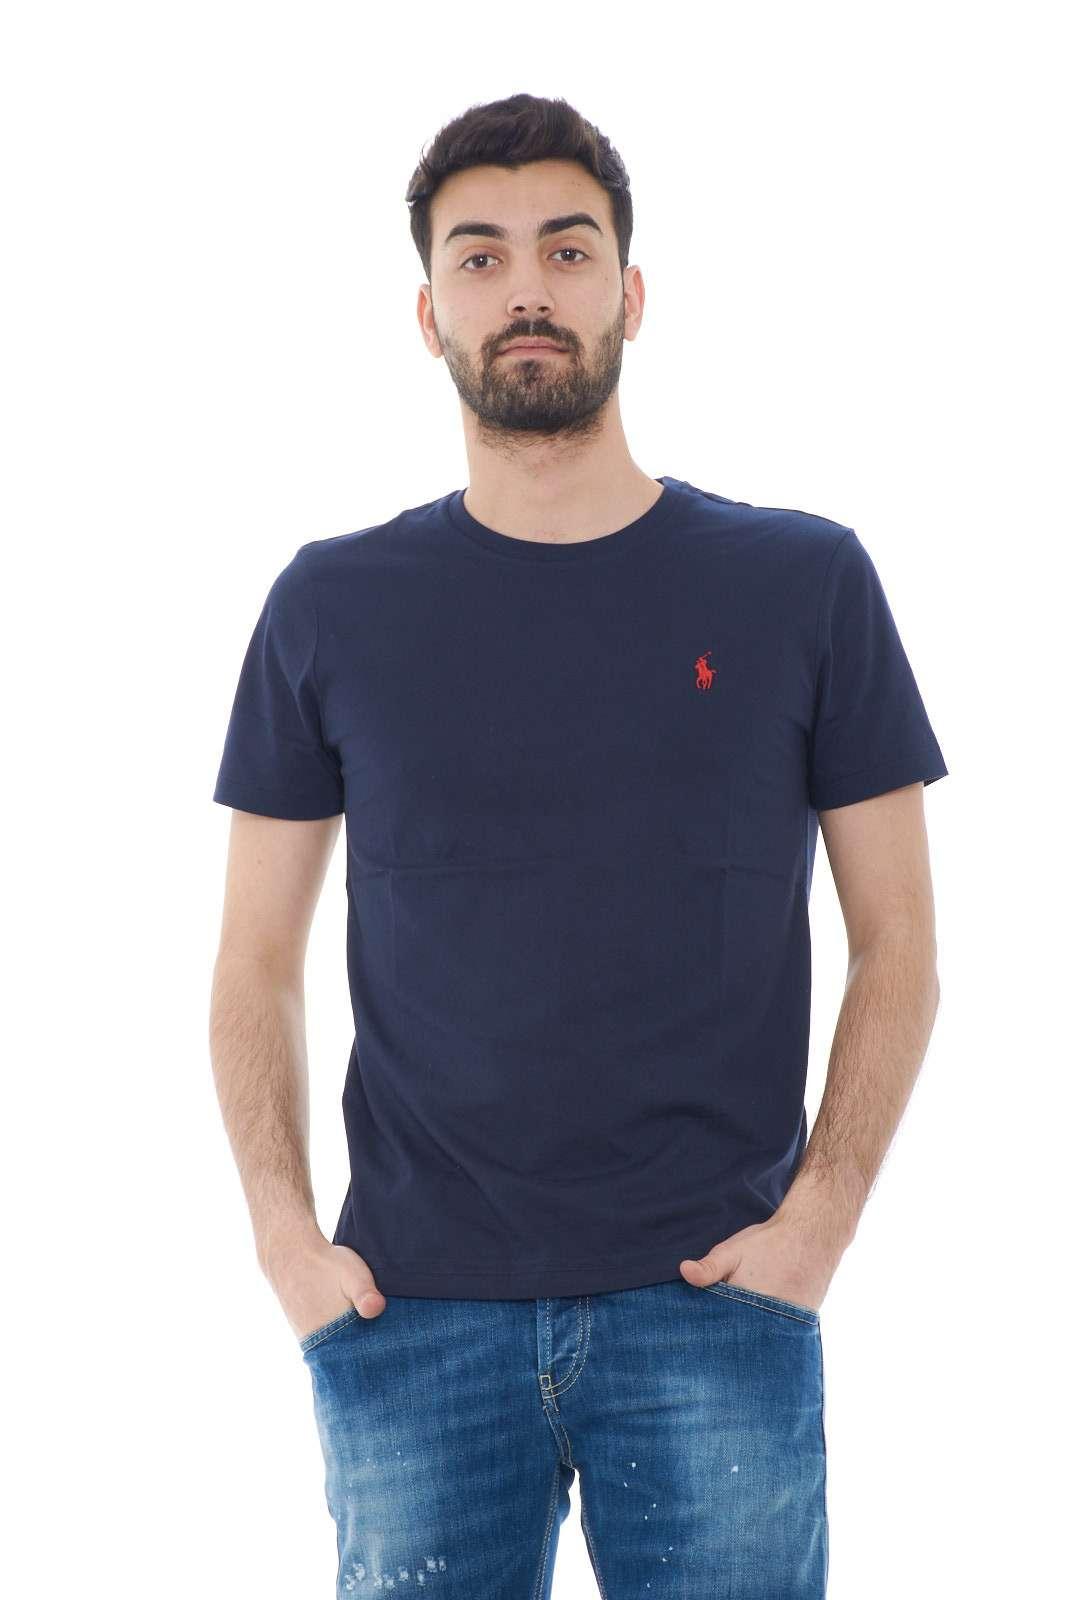 Scopri l'iconica T shirt firmata dalla collezione uomo Polo Ralph Lauren e rendi indimentcabile anche il look più basic. Da indossare con un bermuda, un jeans o un pantalone da jogging si adatta sia agli outfit formali che informali. Un capo passe partout dalla vestibilità slim custom impeccabile.